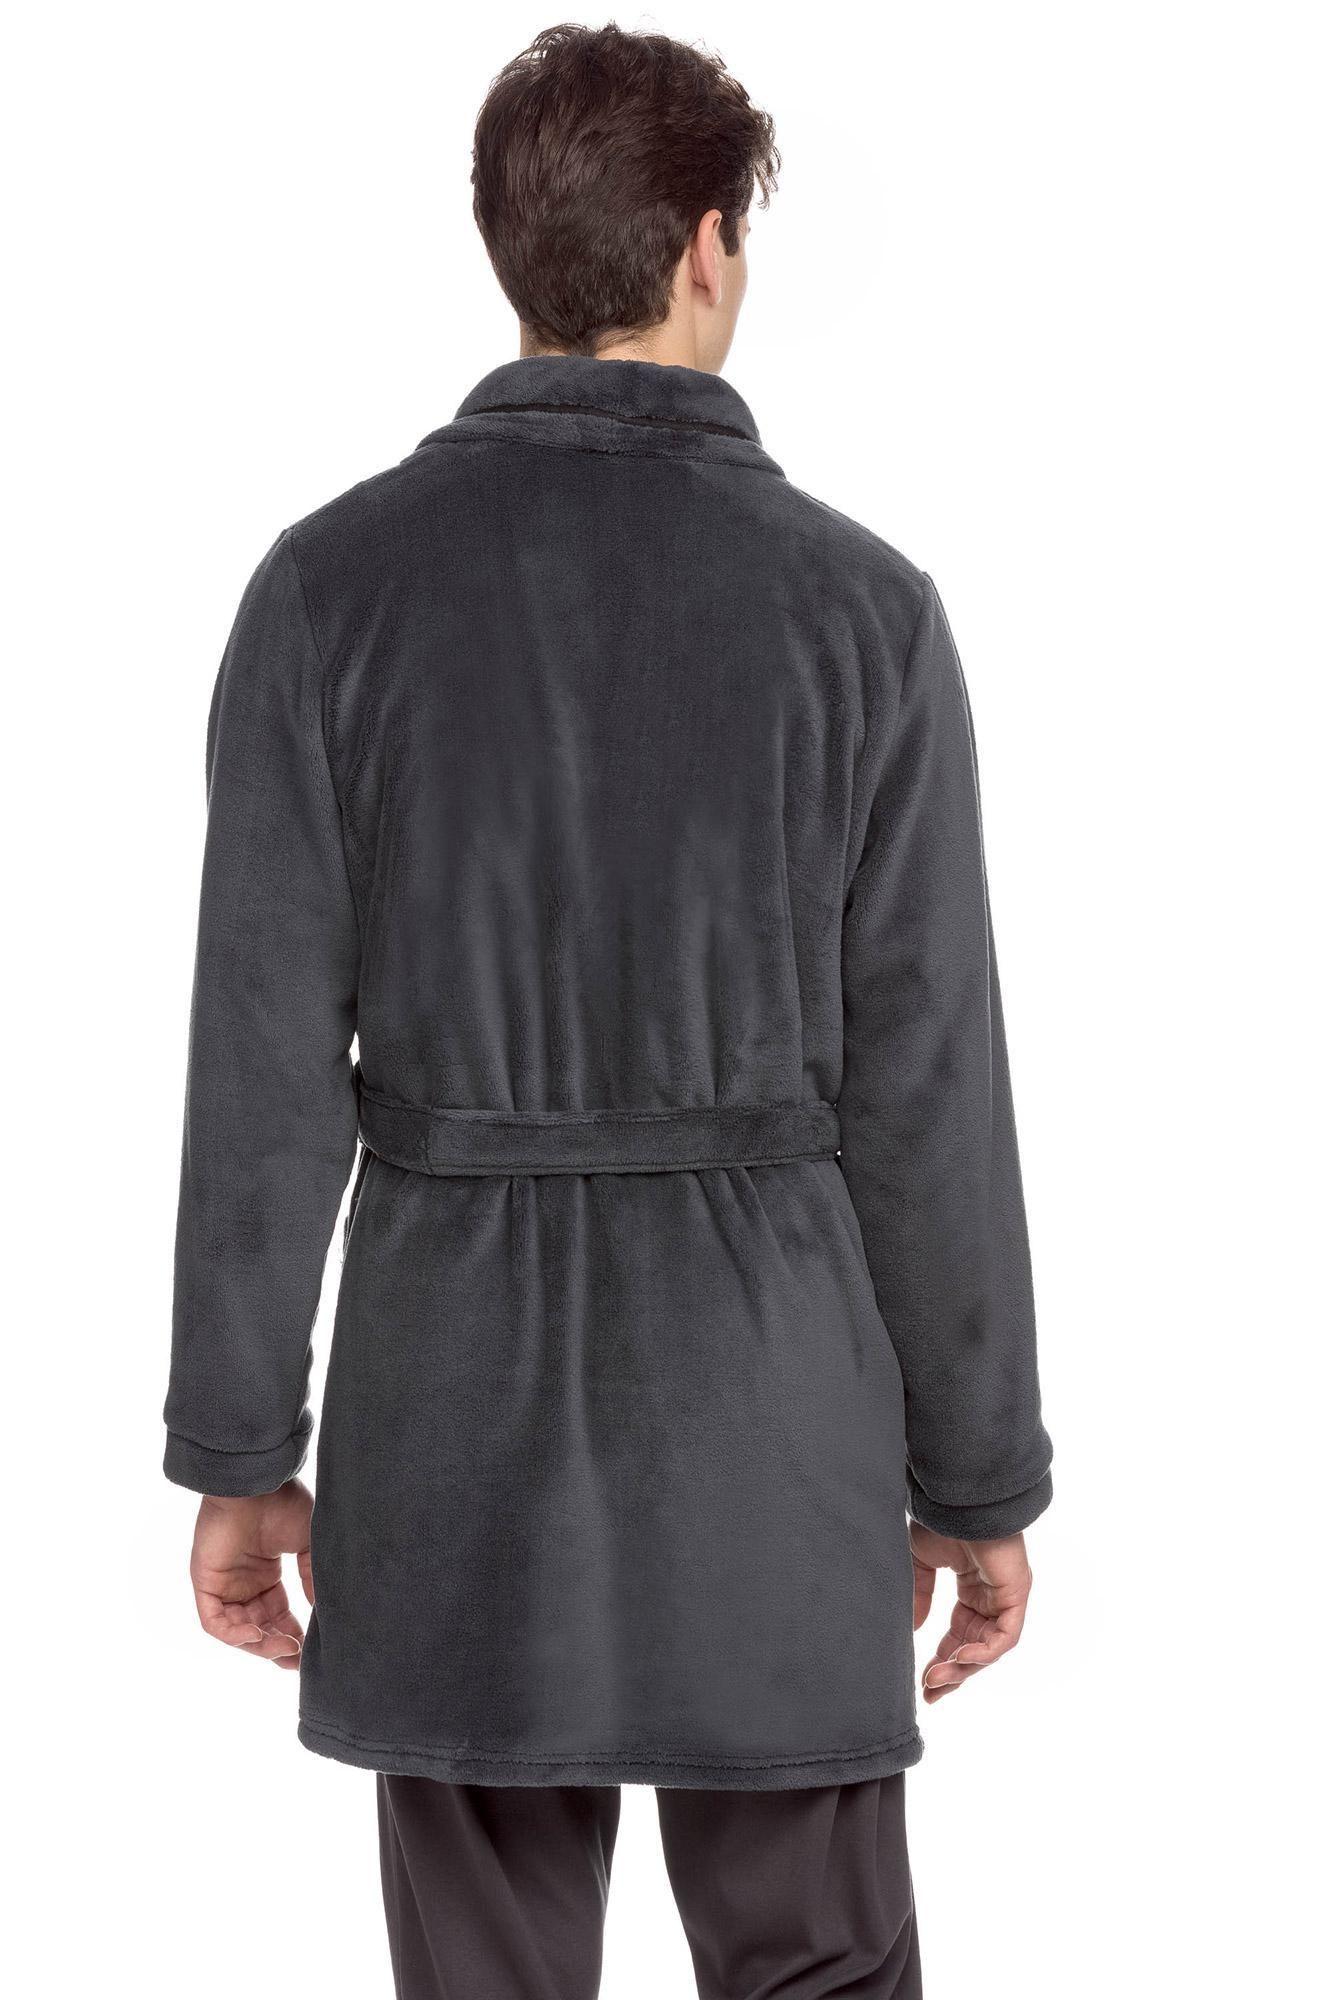 Men's Robe With Belt